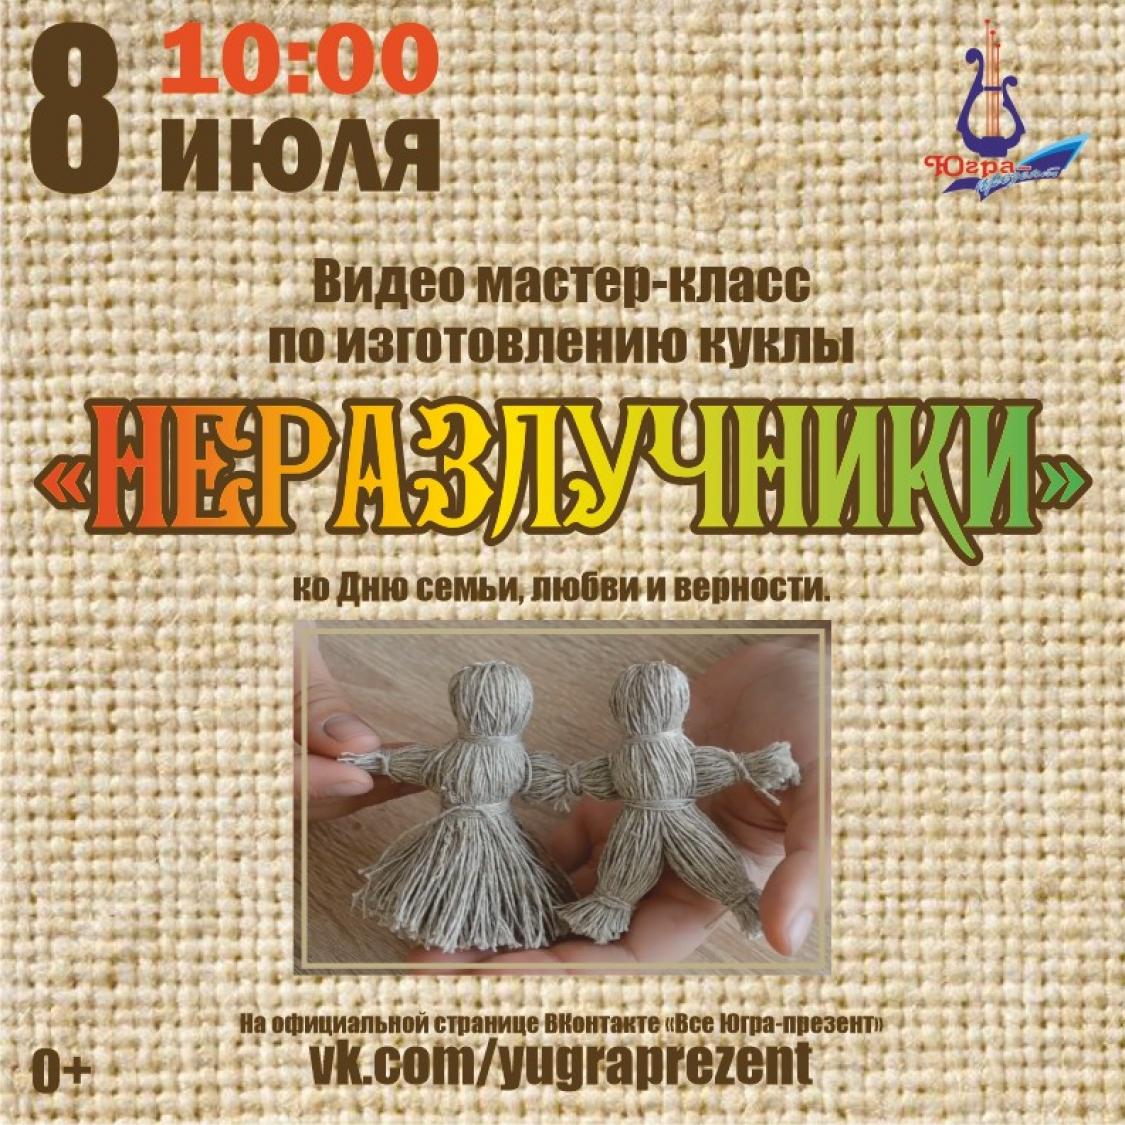 8 июля отмечается замечательный и добрый праздник- «Всероссийский день семьи, любви и верности»!